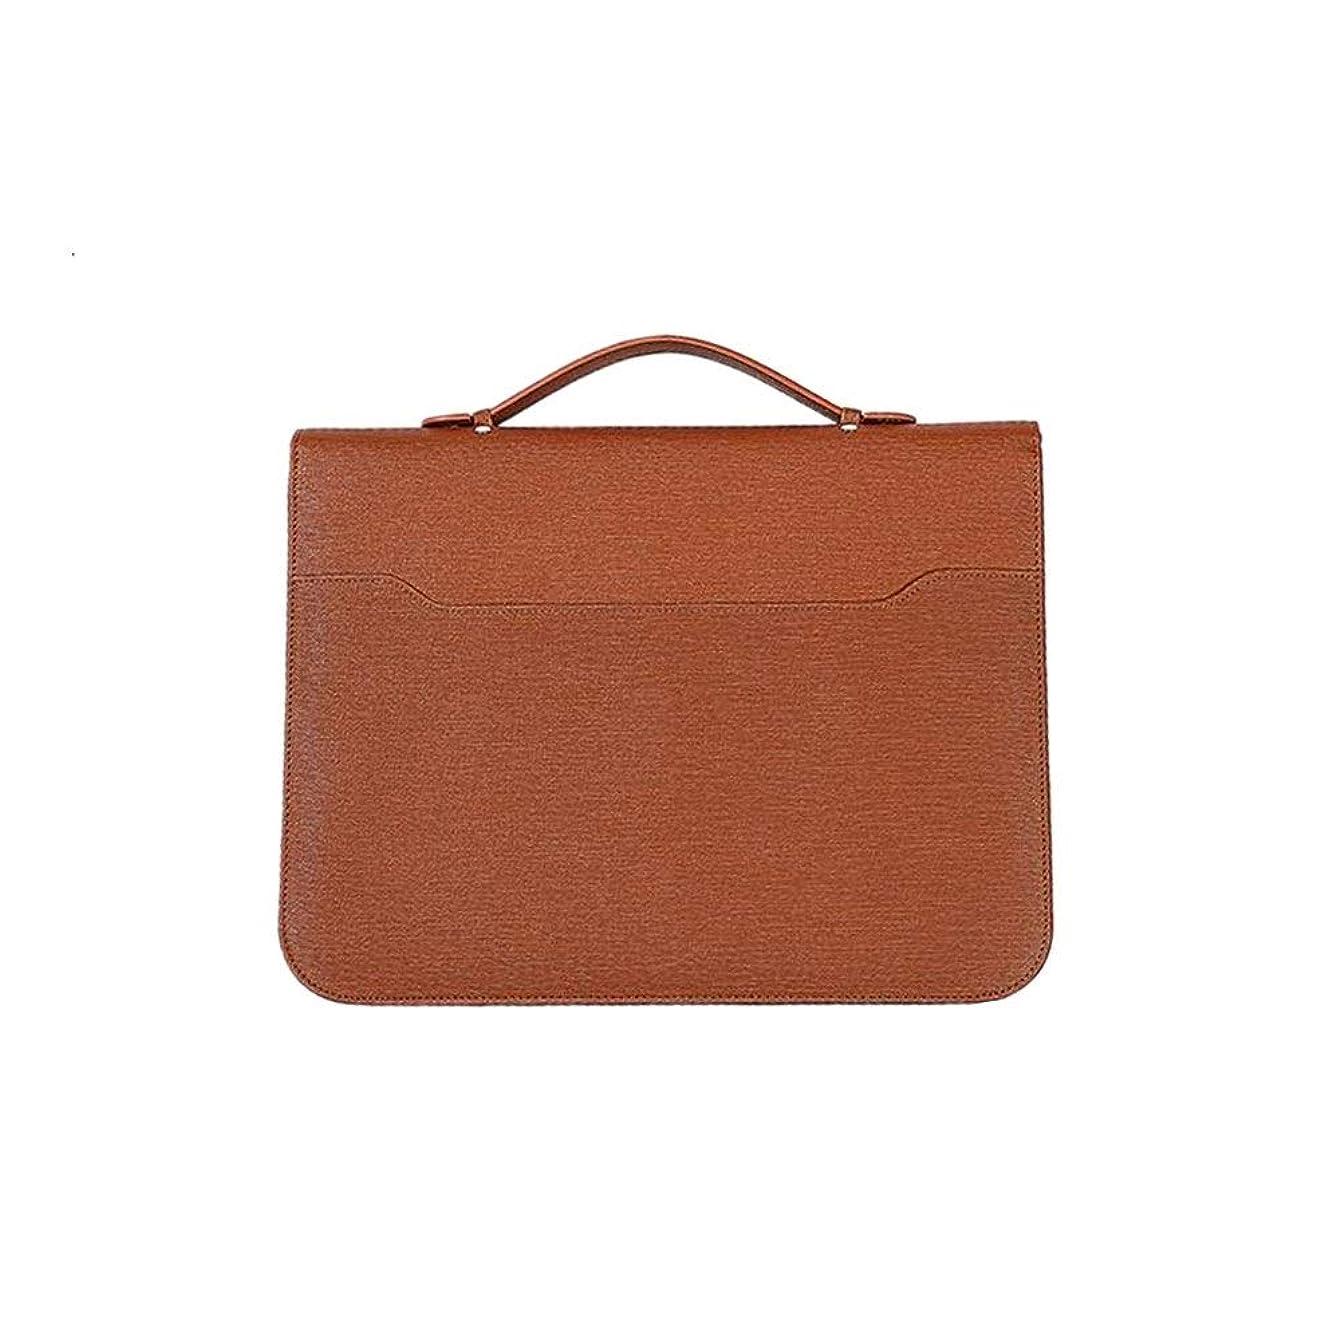 起きてカーフ欠乏多機能フォルダー クリップボード ビジネススクールオフィス会議のA4レザー会議フォルダのビジネスノートブック多機能ジッパーポータブルフォルダフォールド レザーファイルオーガナイザー (Color : Brown, Size : 265x345mm)